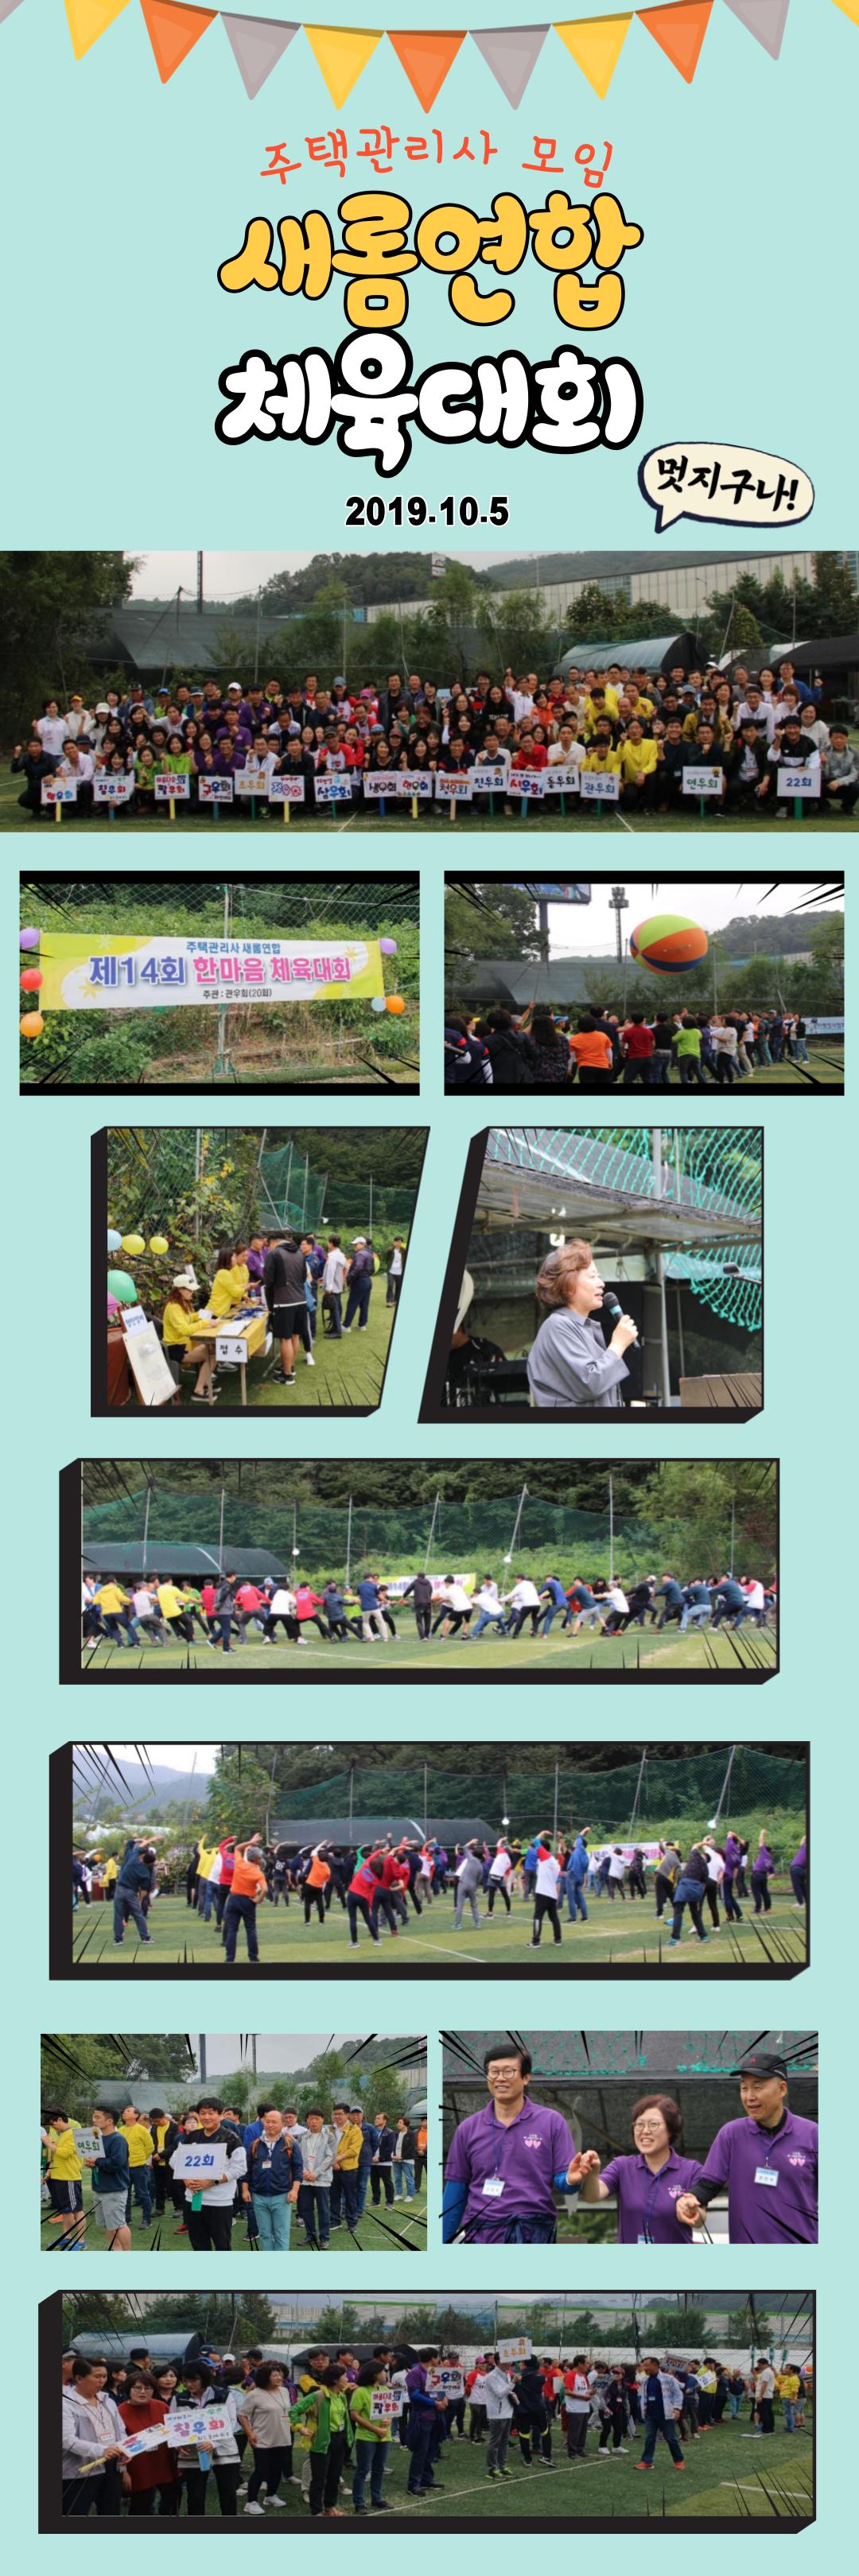 주택관리사 모임 2019년 제14회 '새롬연합' 체육대회 (2019.10.5)